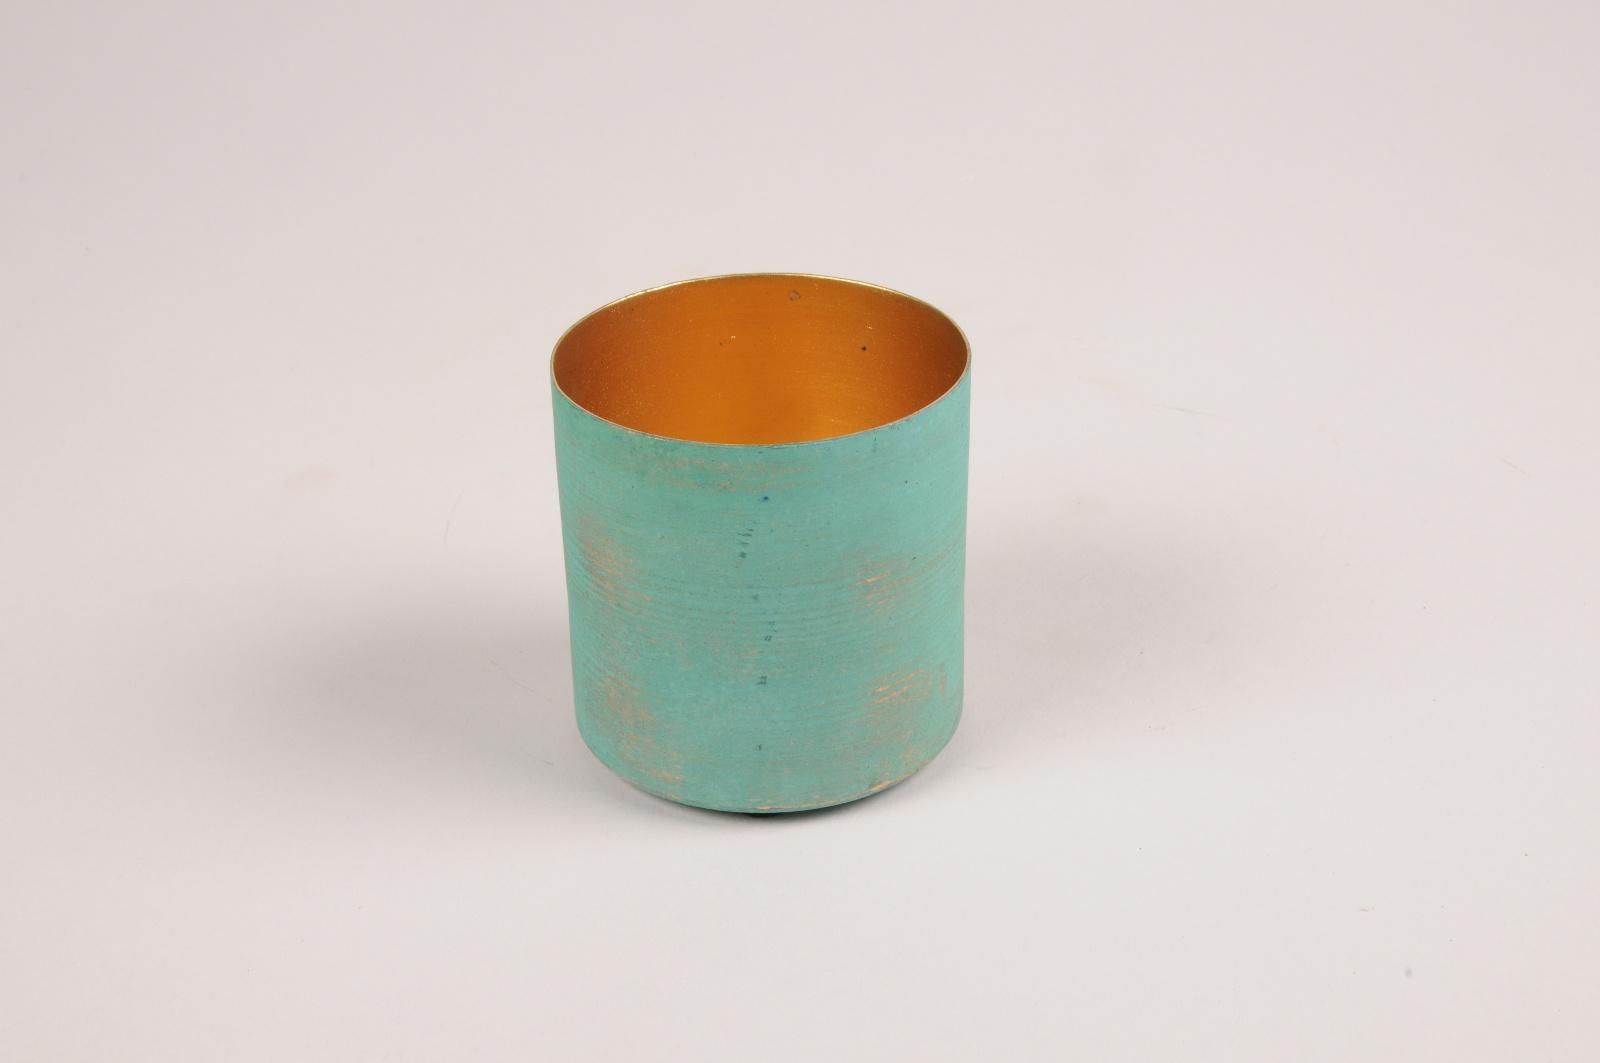 A027JY Cache-pot en métal vert bleu D6.5cm H6.5cm